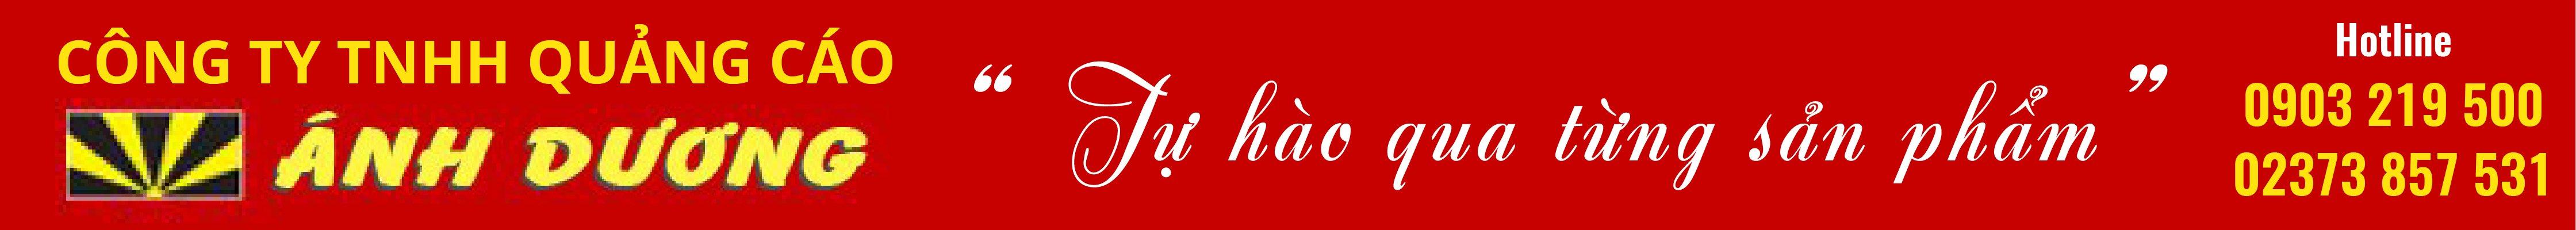 Công ty TNHH Quảng cáo Ánh Dương – Thanh Hóa